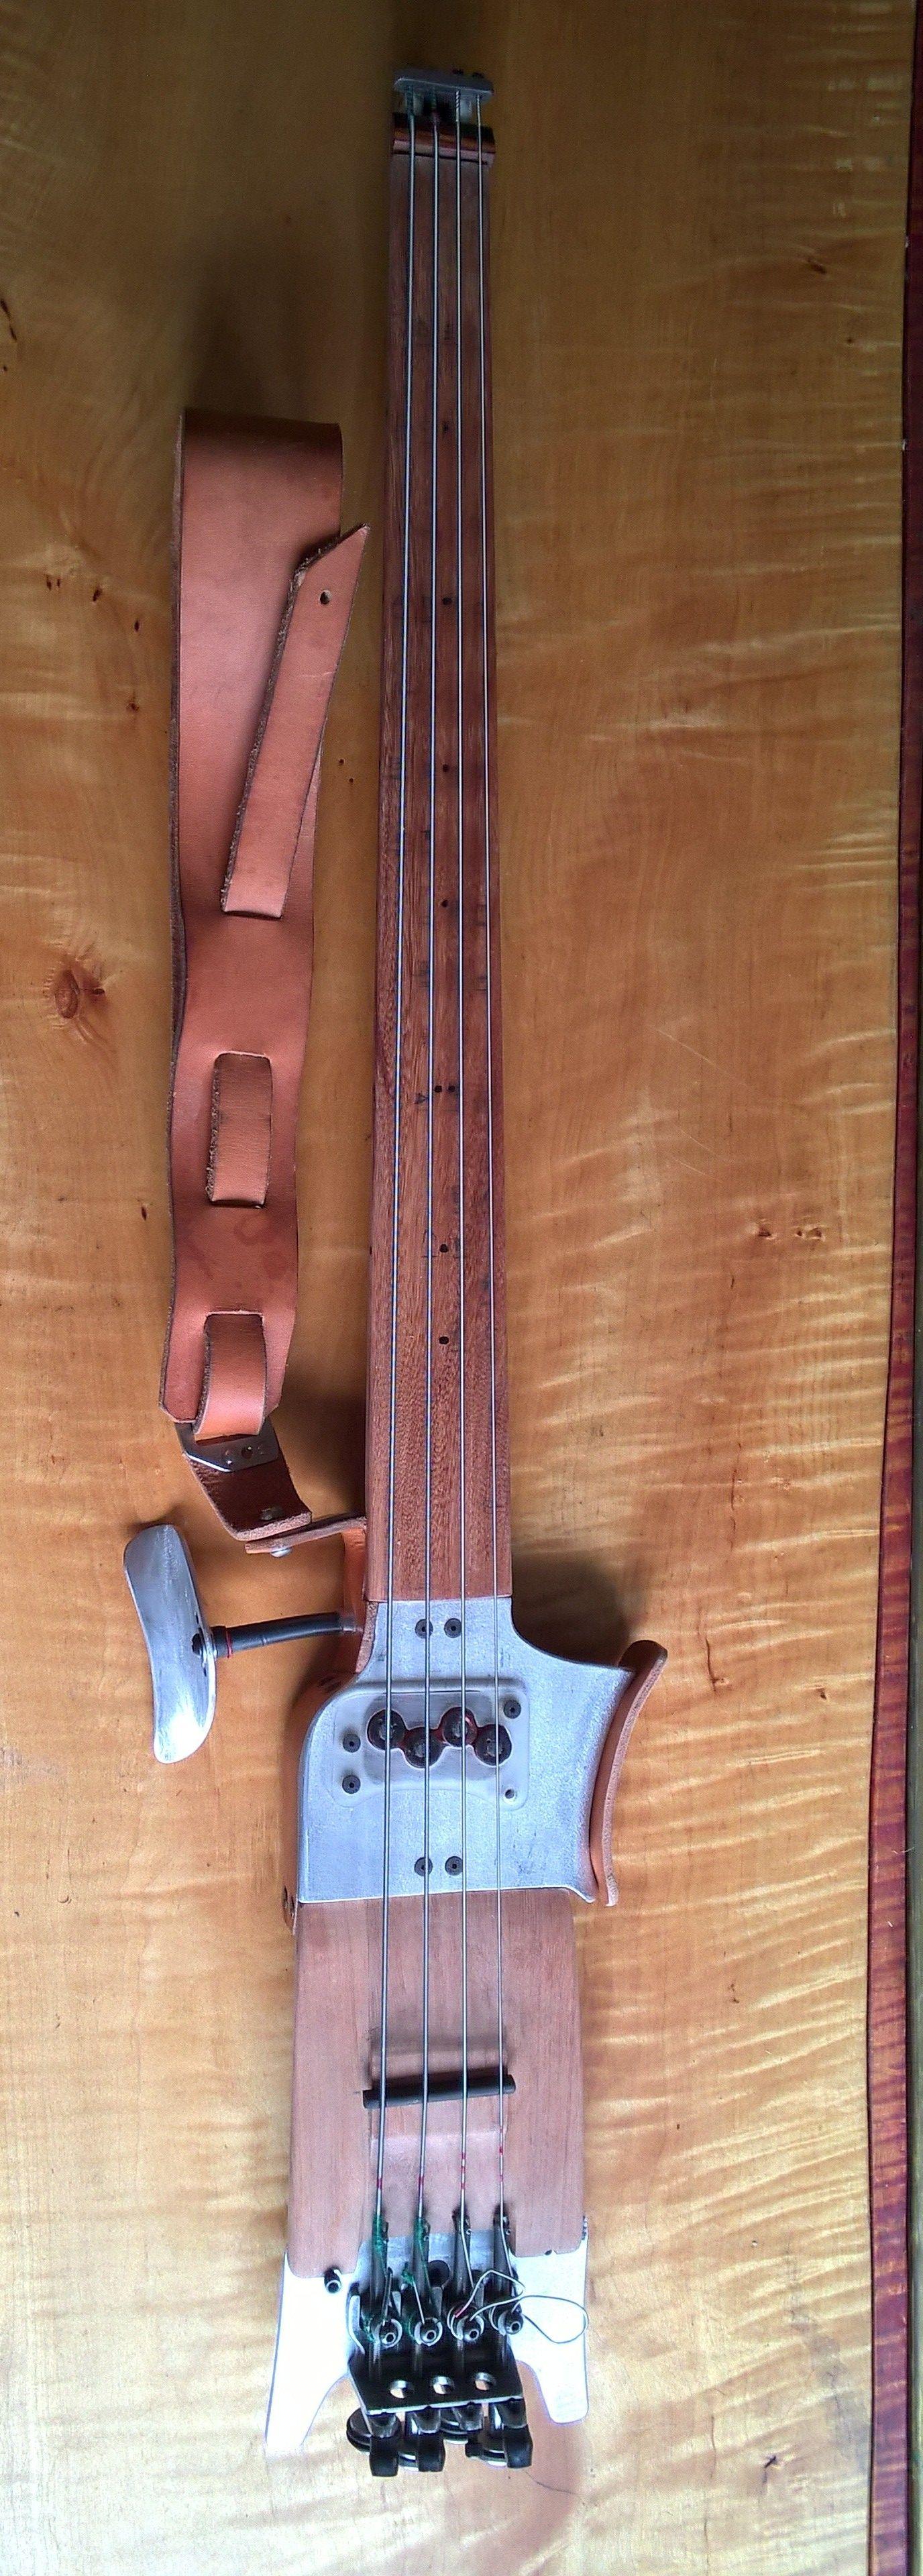 aluminum through neck with ironwood fret board ,soundboard